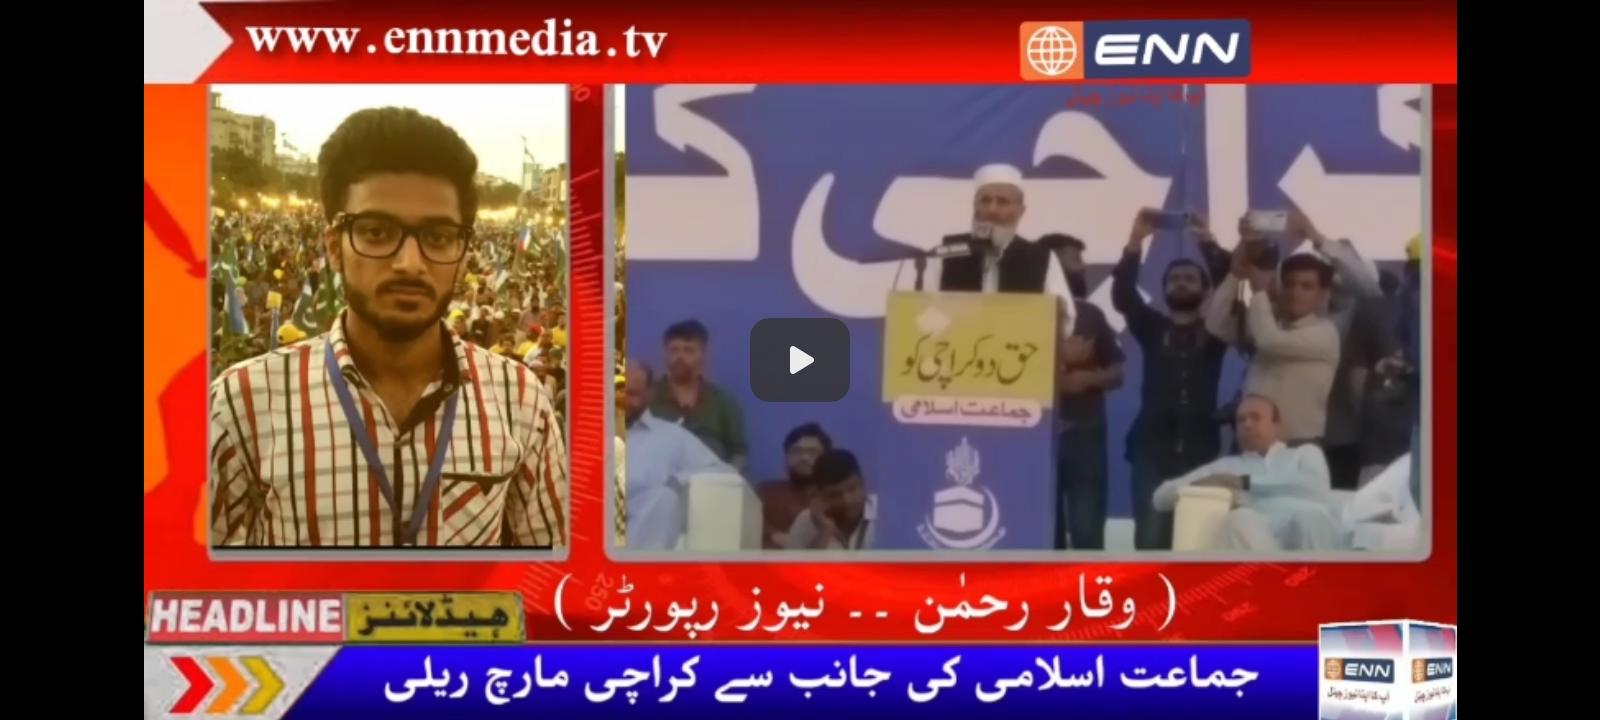 جماعت اسلامی کی جانب سے کراچی مارچ ریلی